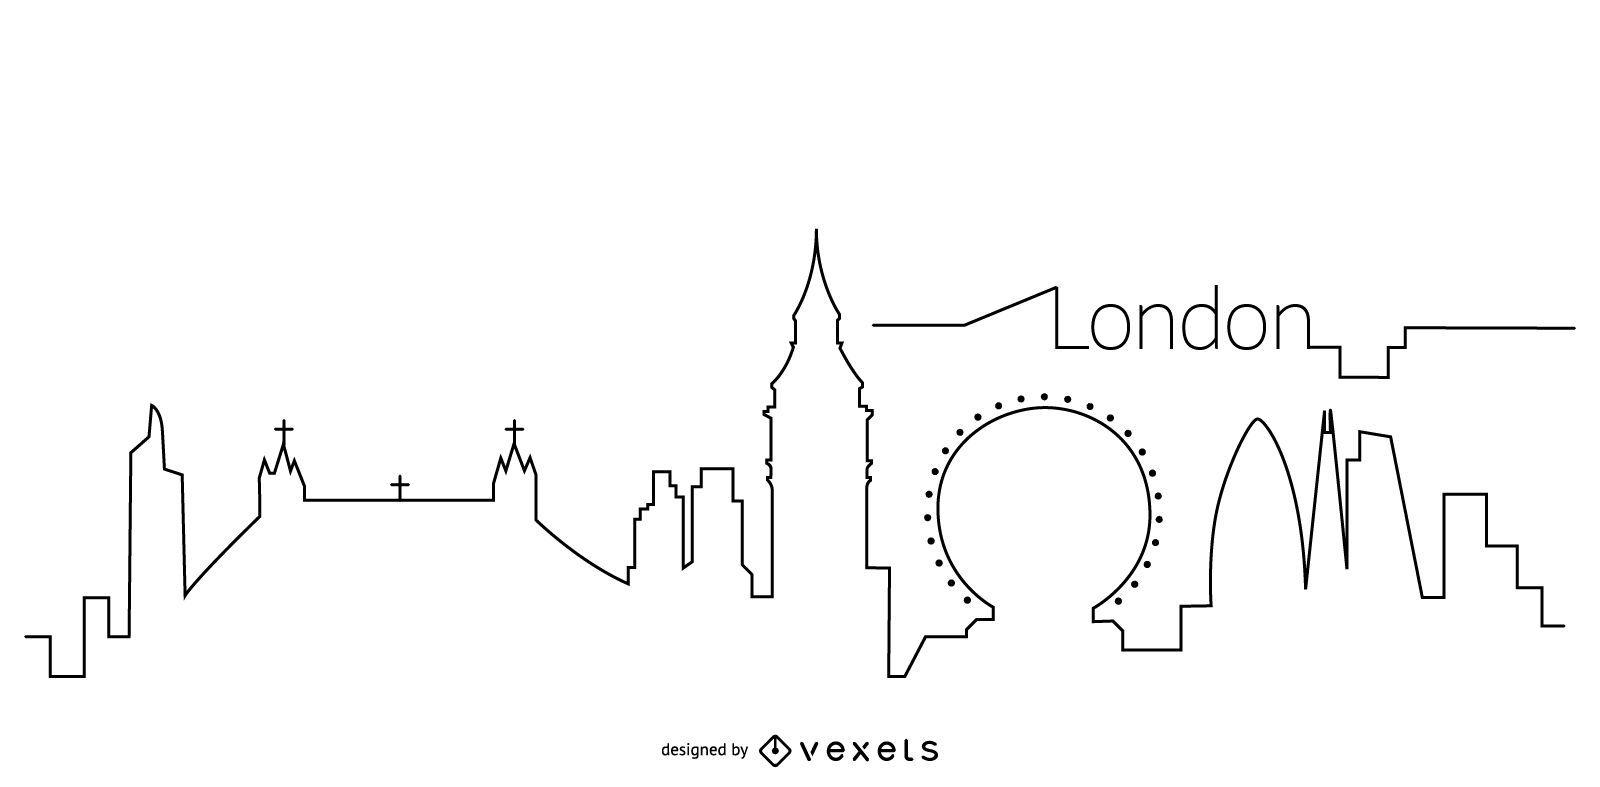 London skyline outline